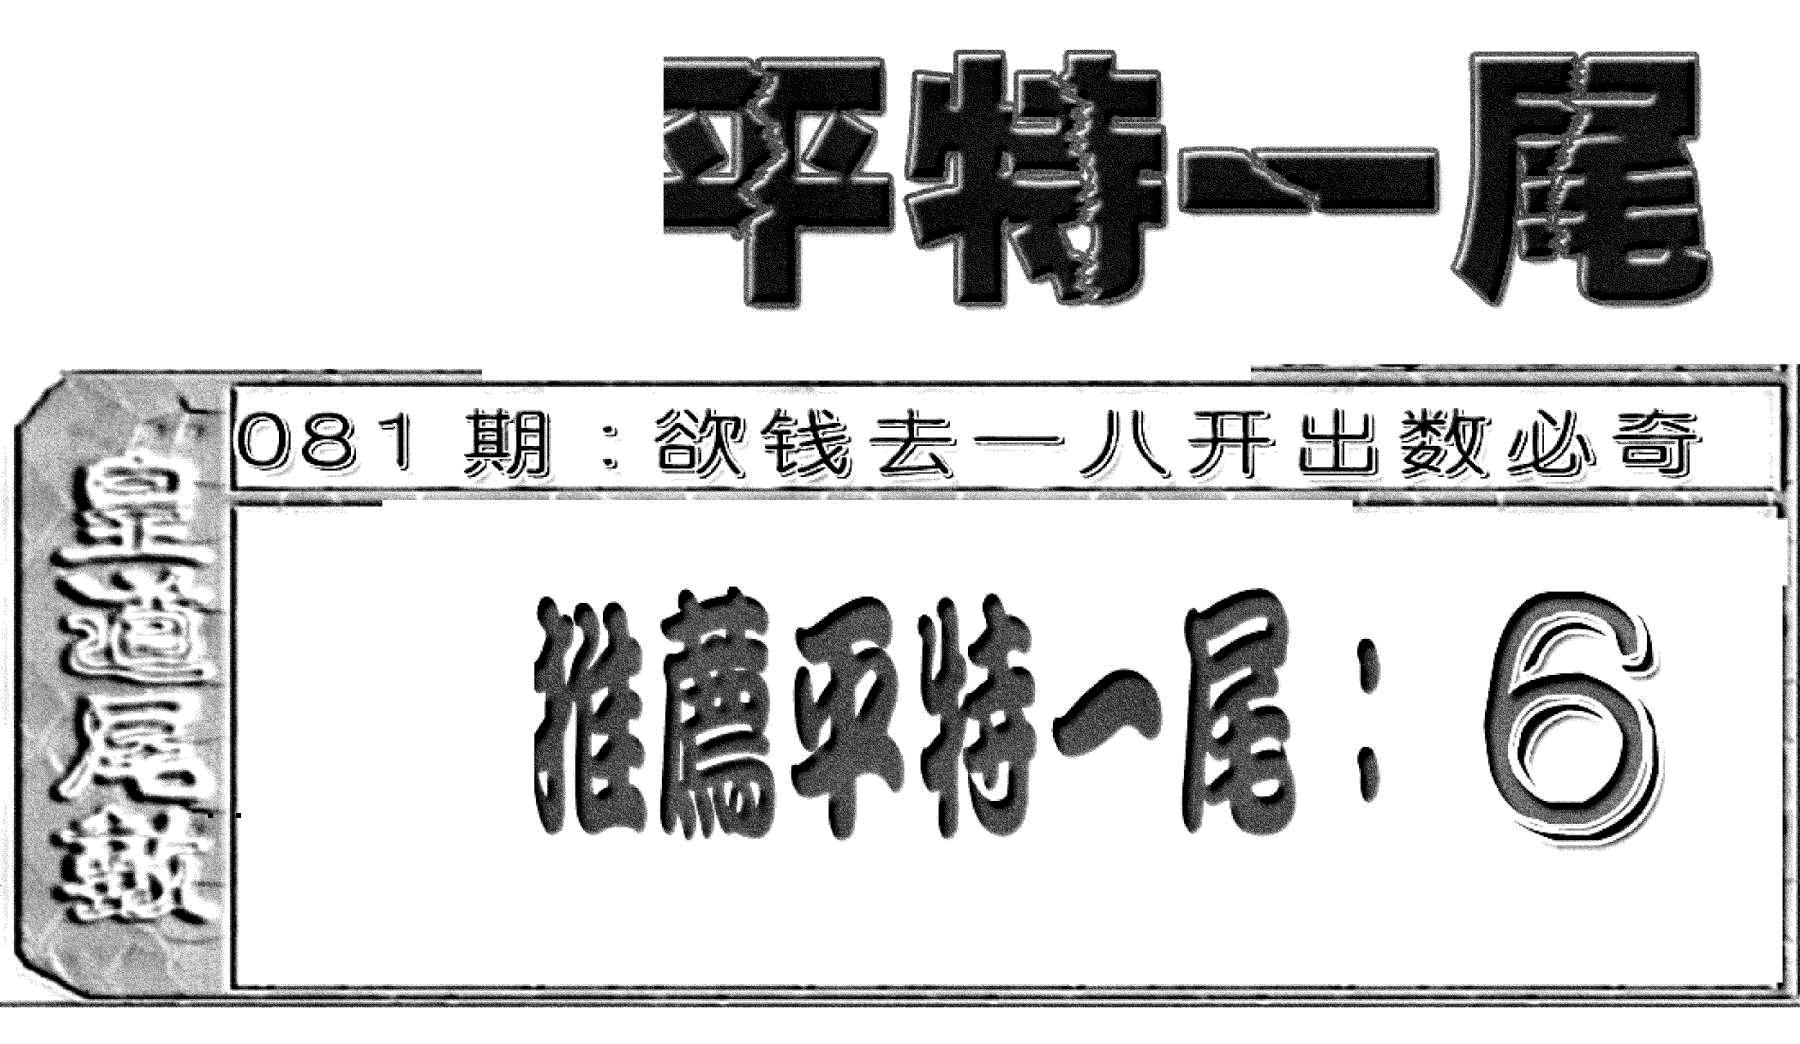 081期六合聚宝盆(黑白)